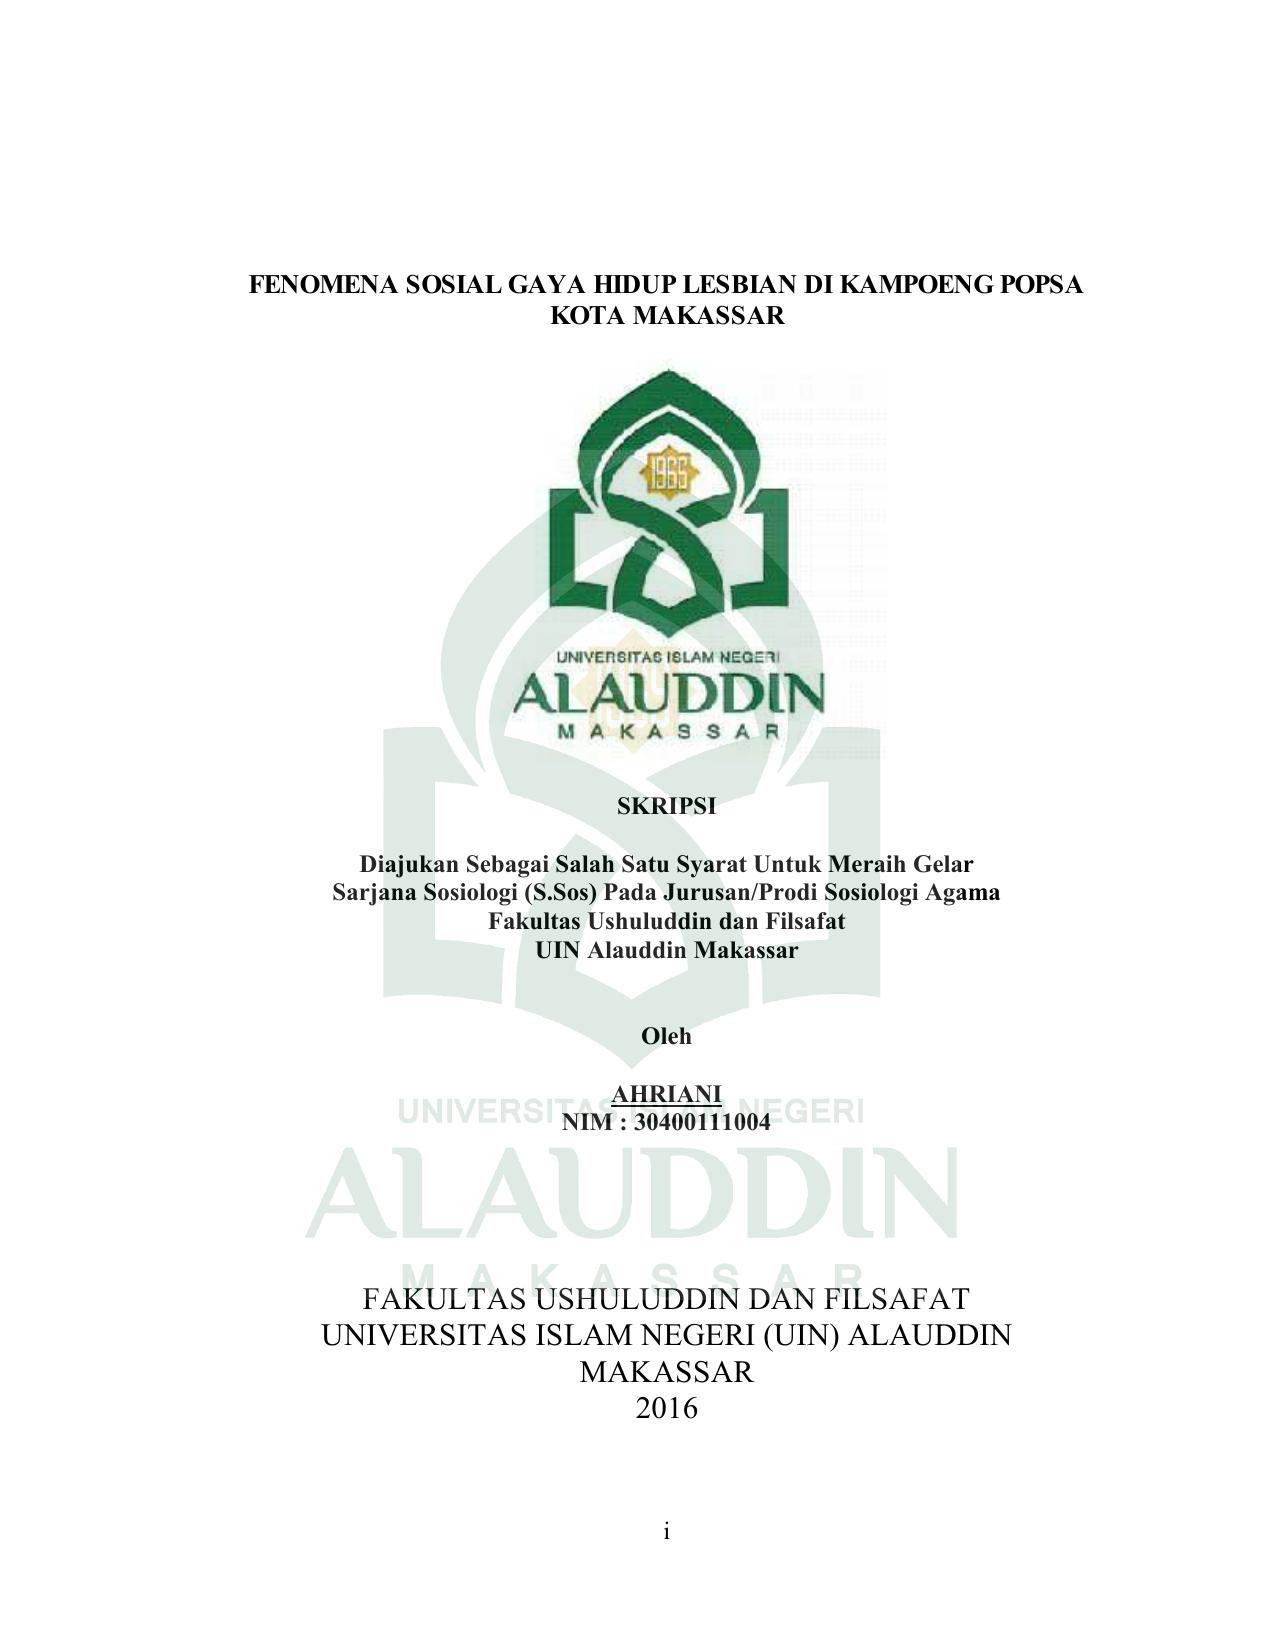 Fakultas Ushuluddin Dan Filsafat Universitas Islam Negeri